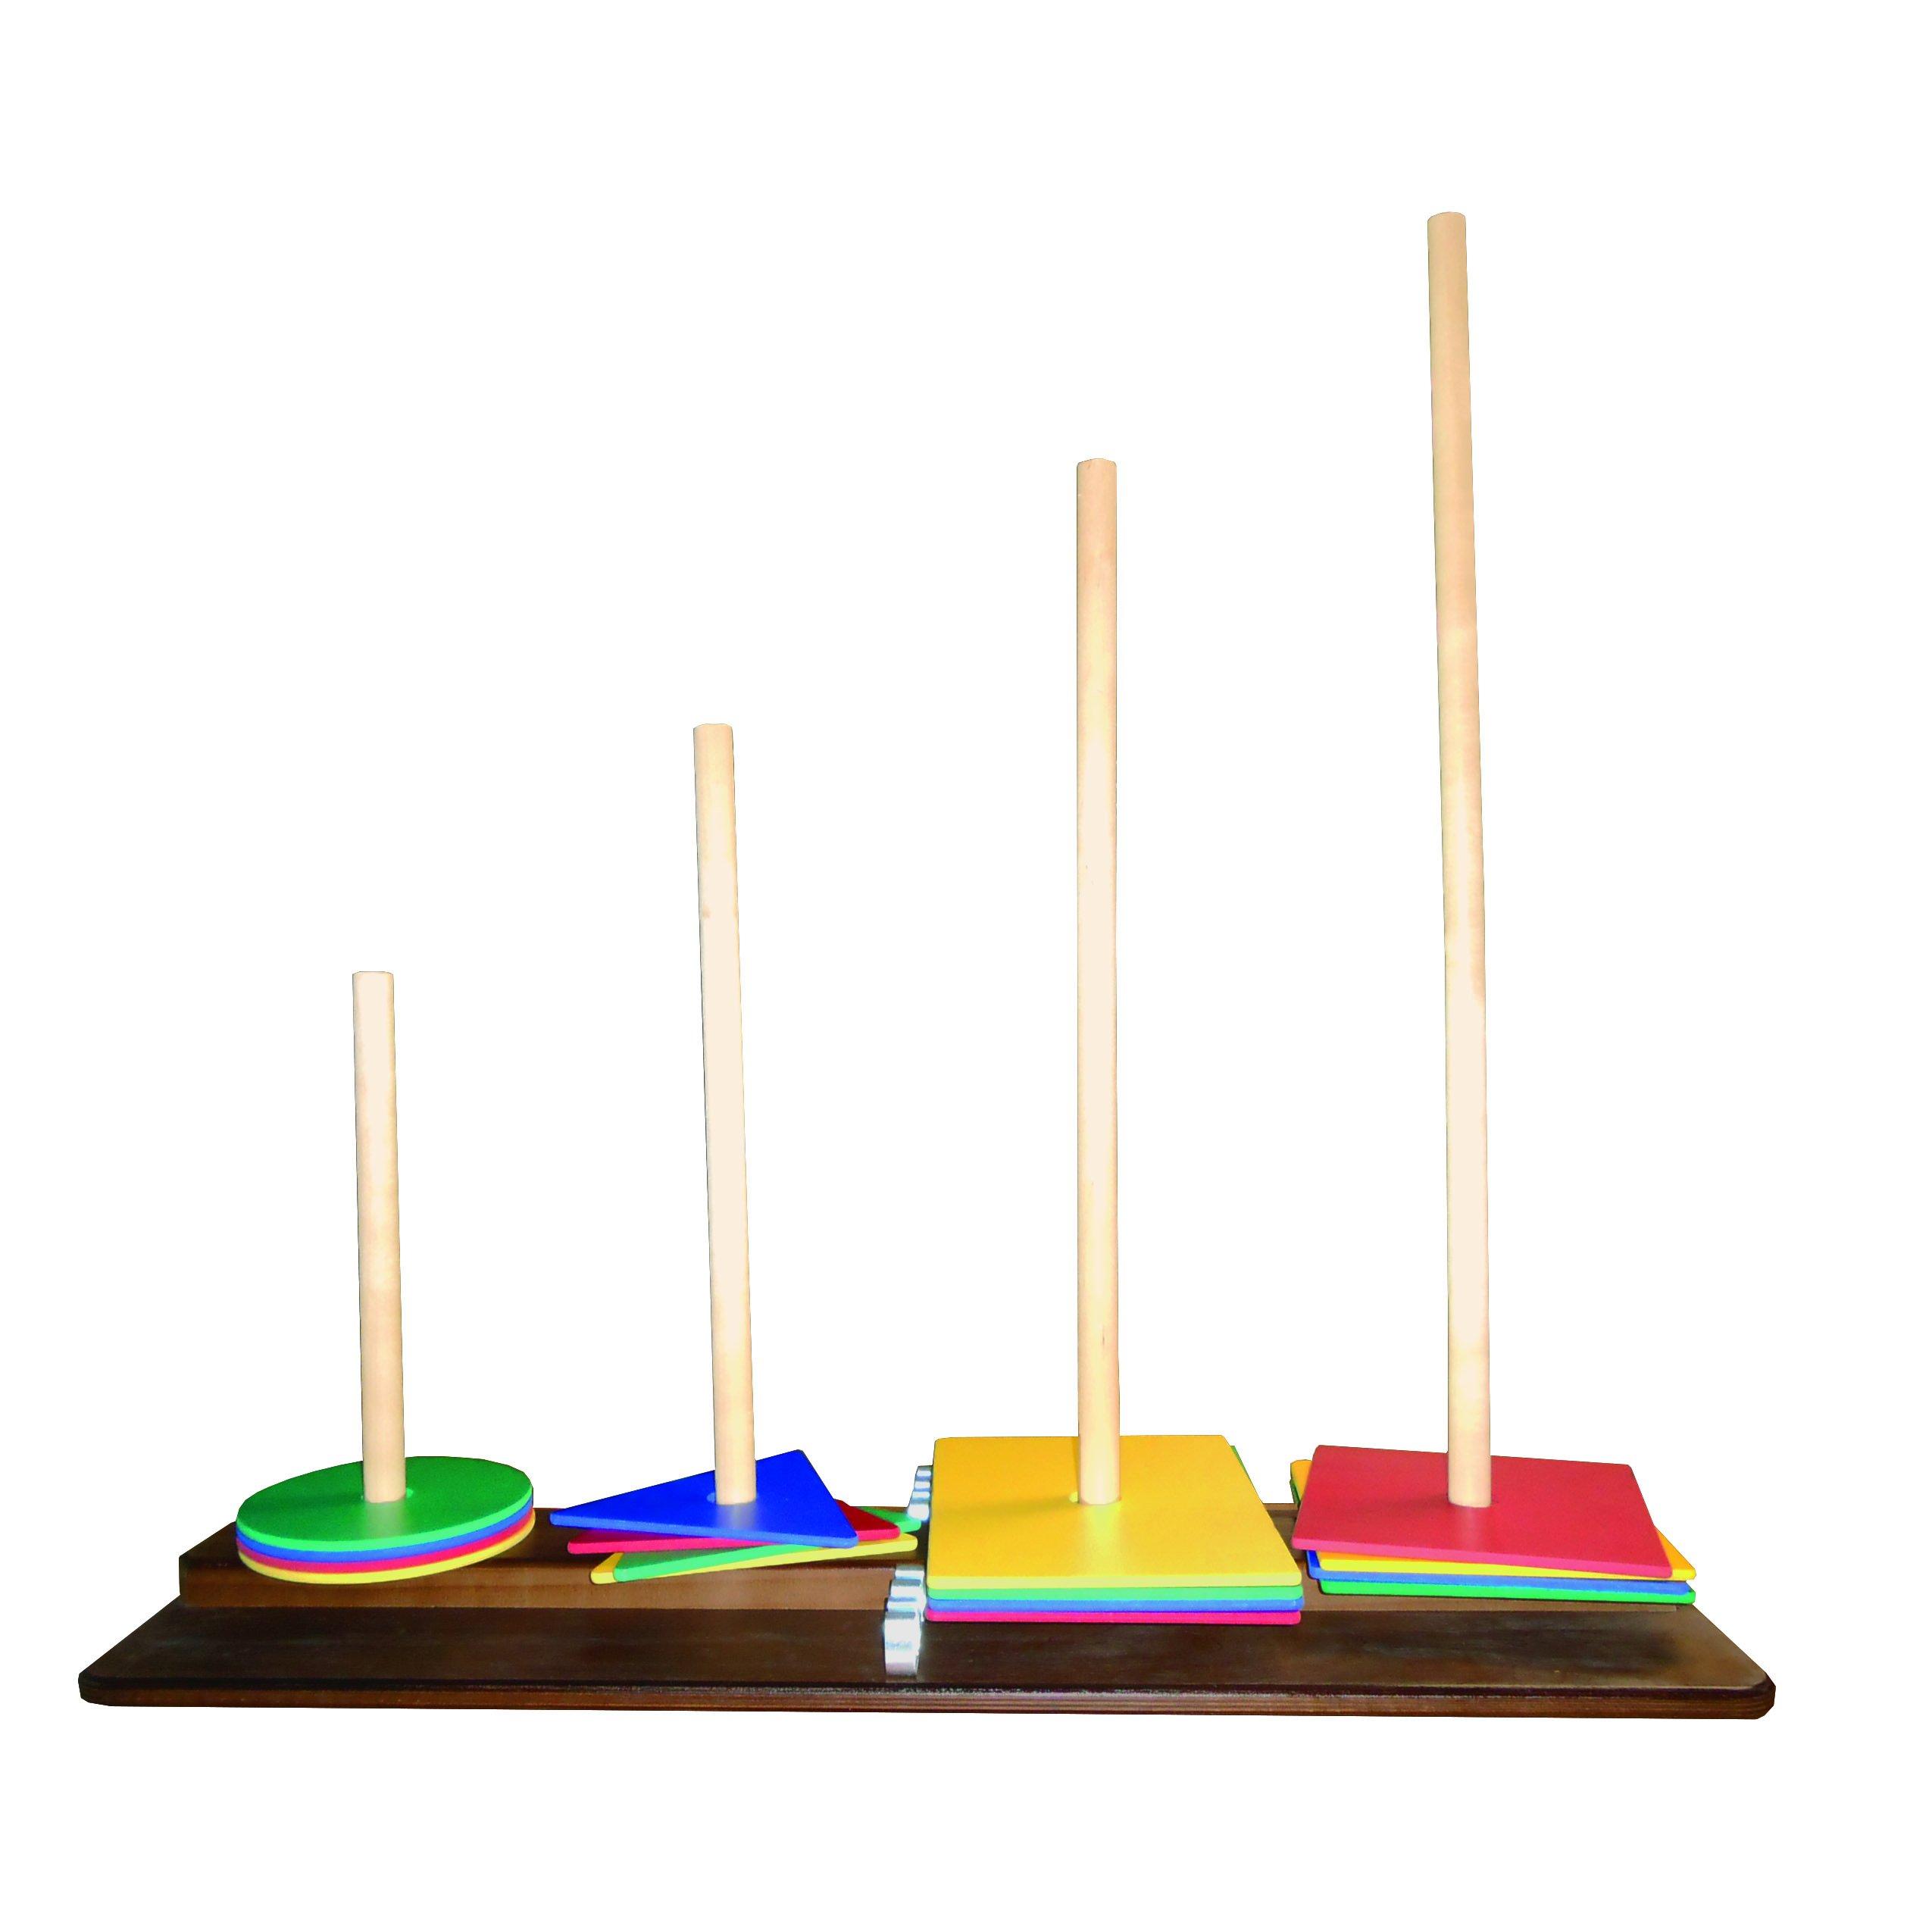 Rehabilitation Advantage Cognitoys Set, Wood Base & Colorful Shapes, 15 Pound